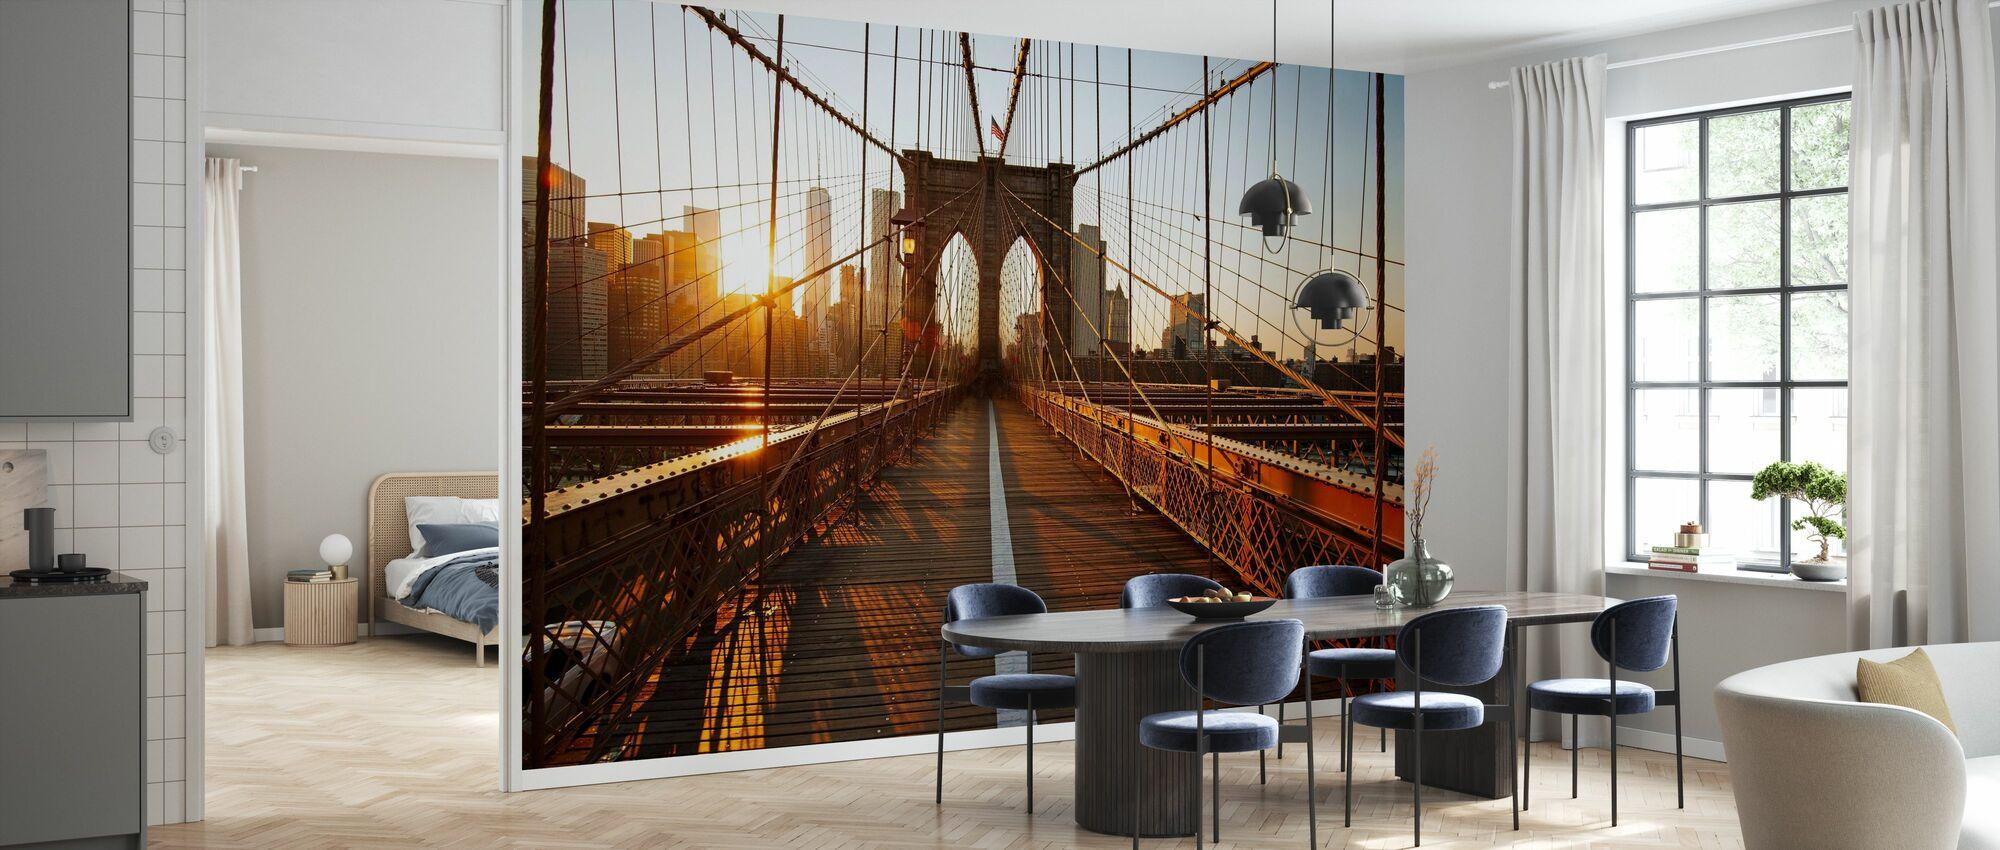 Brooklyn Bridge Sunrise - Wallpaper - Kitchen